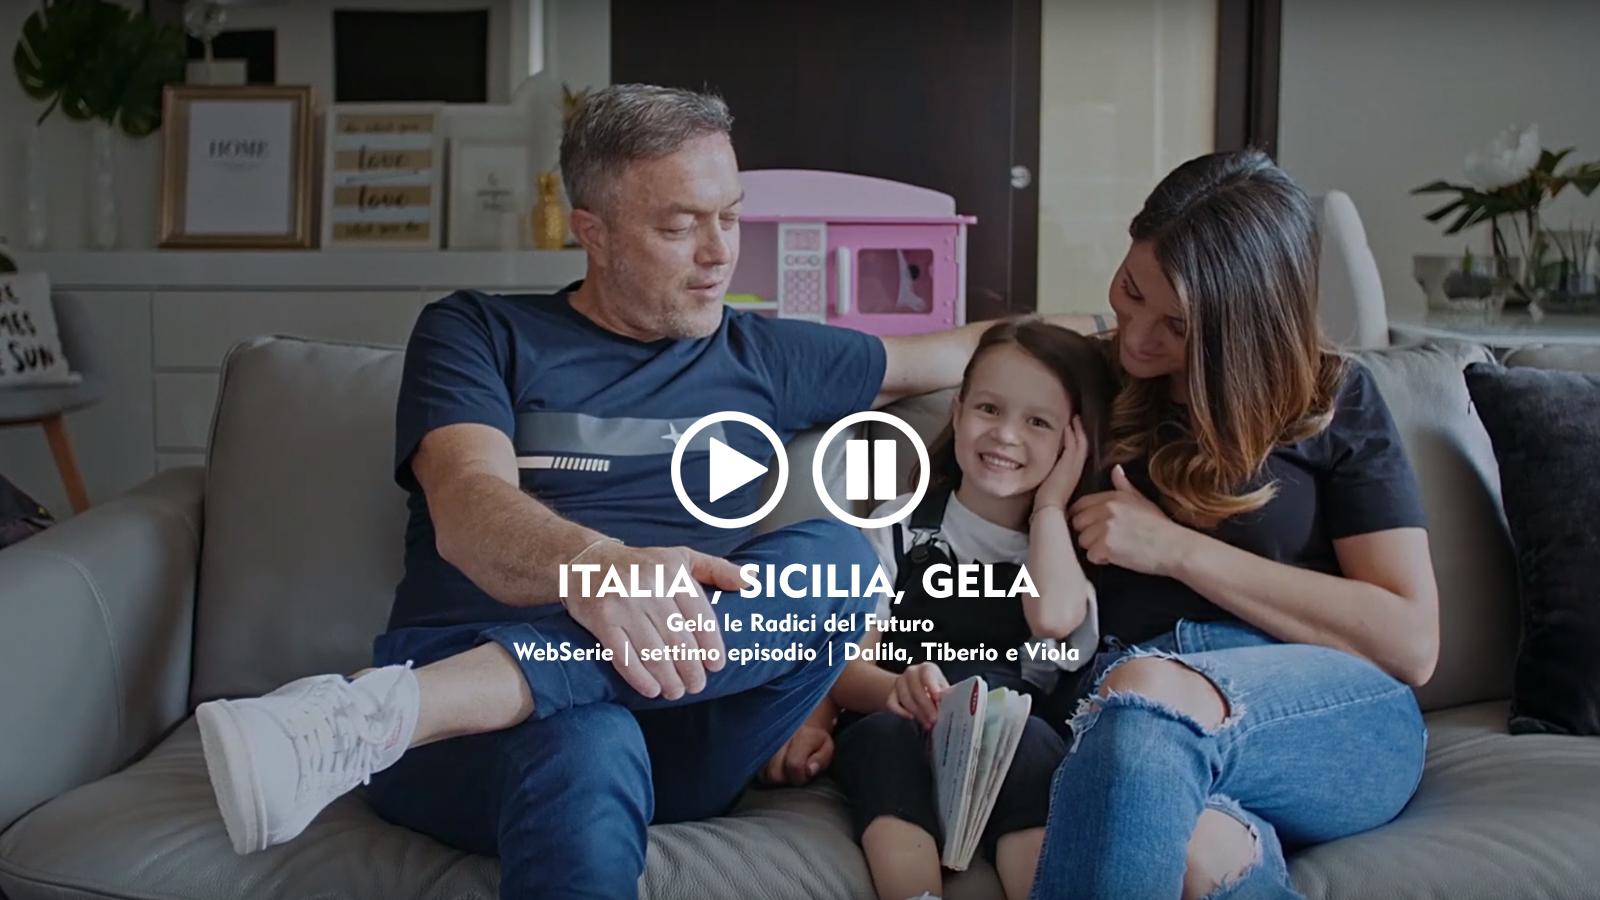 webserie | italia, sicilia, gela | seven episode | dalila tiberio e viola